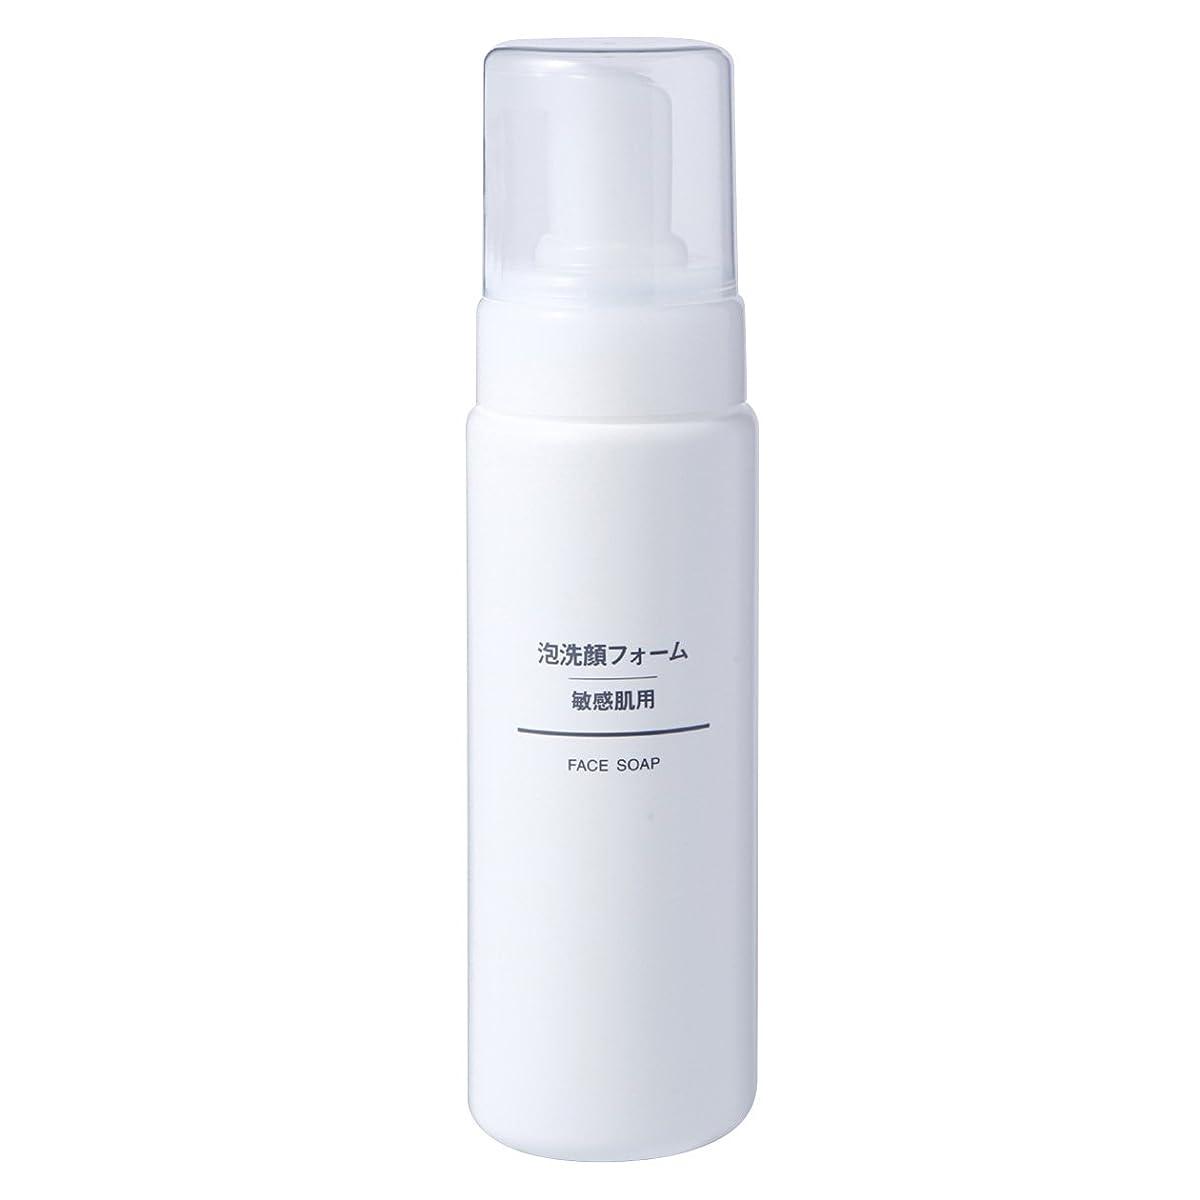 何でもせせらぎ古くなった無印良品 泡洗顔フォーム 敏感肌用 200ml